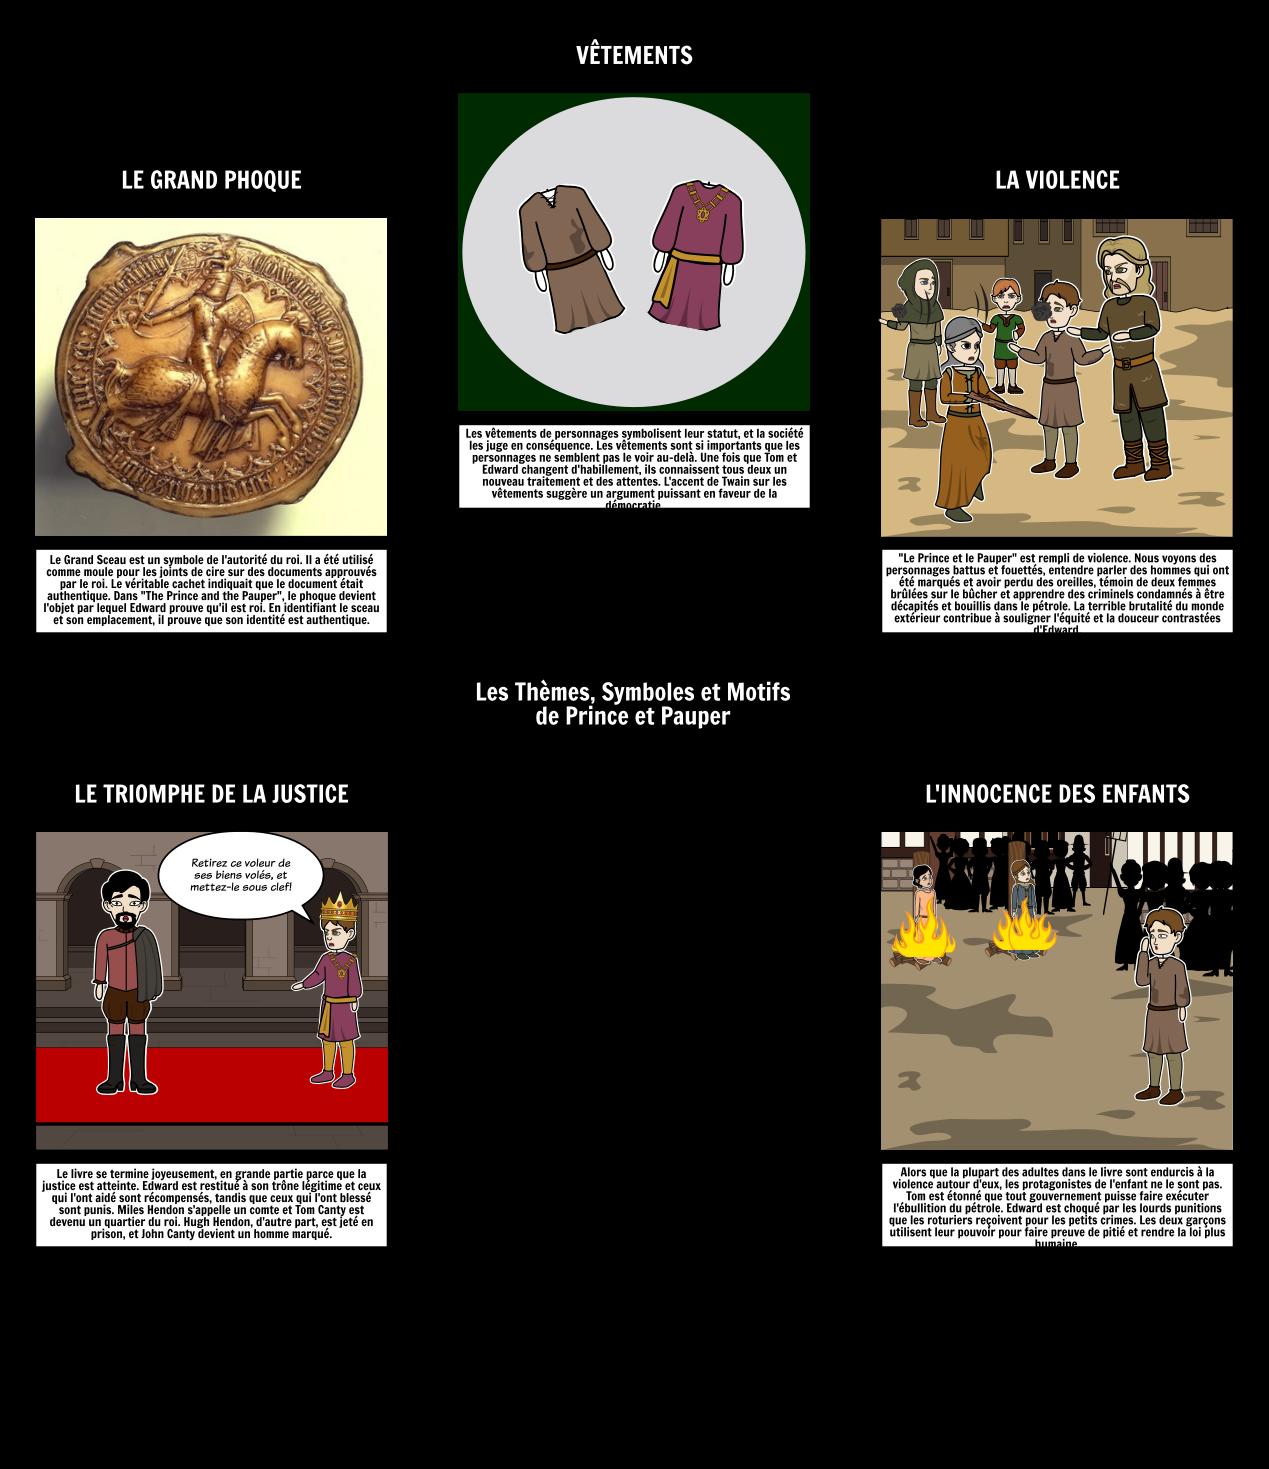 The Prince and the Pauper Thèmes, Motifs et Symboles